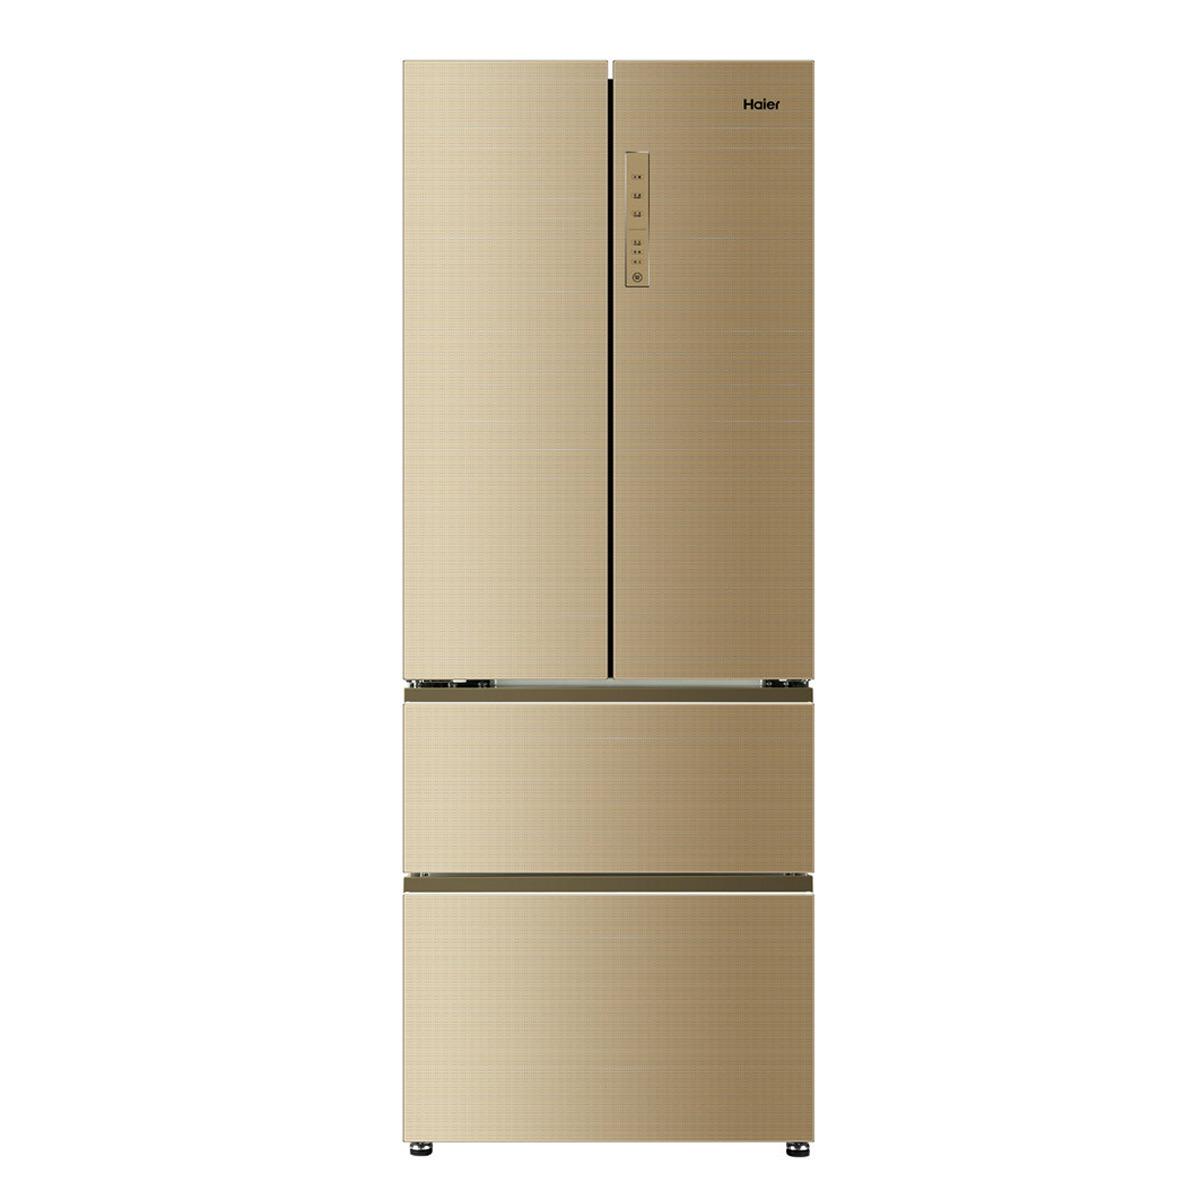 海尔Haier冰箱 BCD-412WDCN 说明书